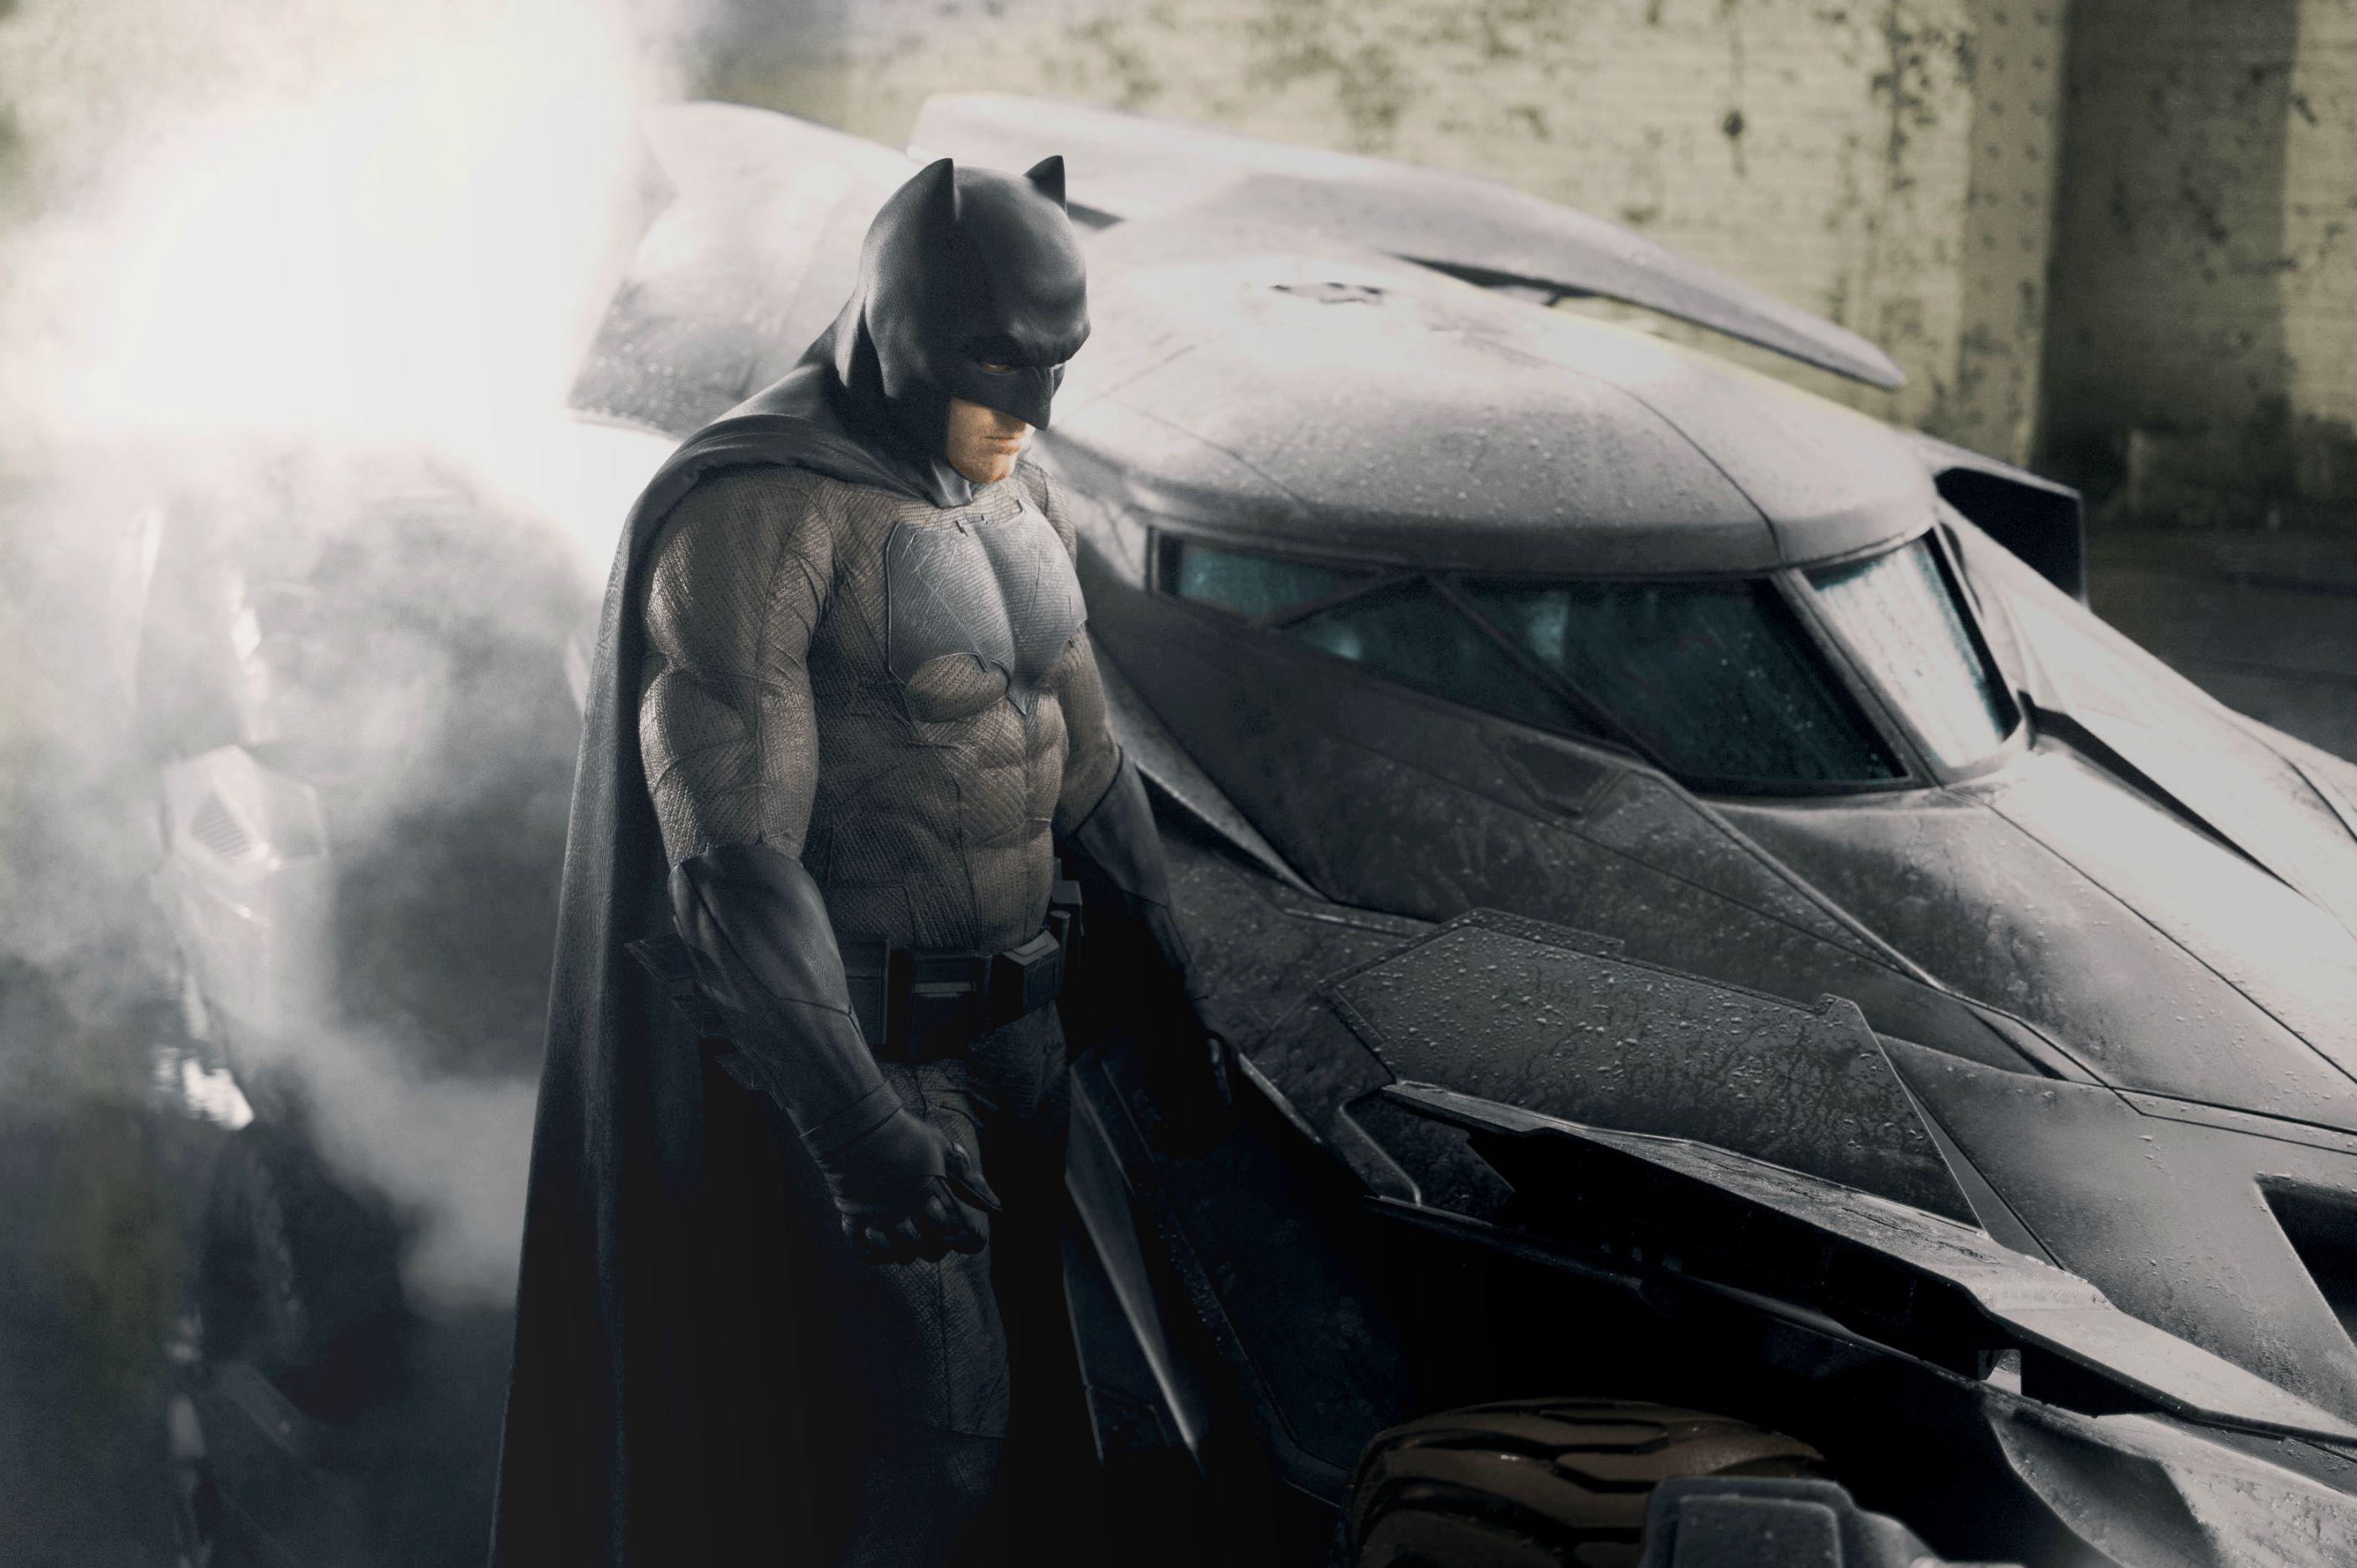 The Batman няма да бъде режисиран от Бен Афлек